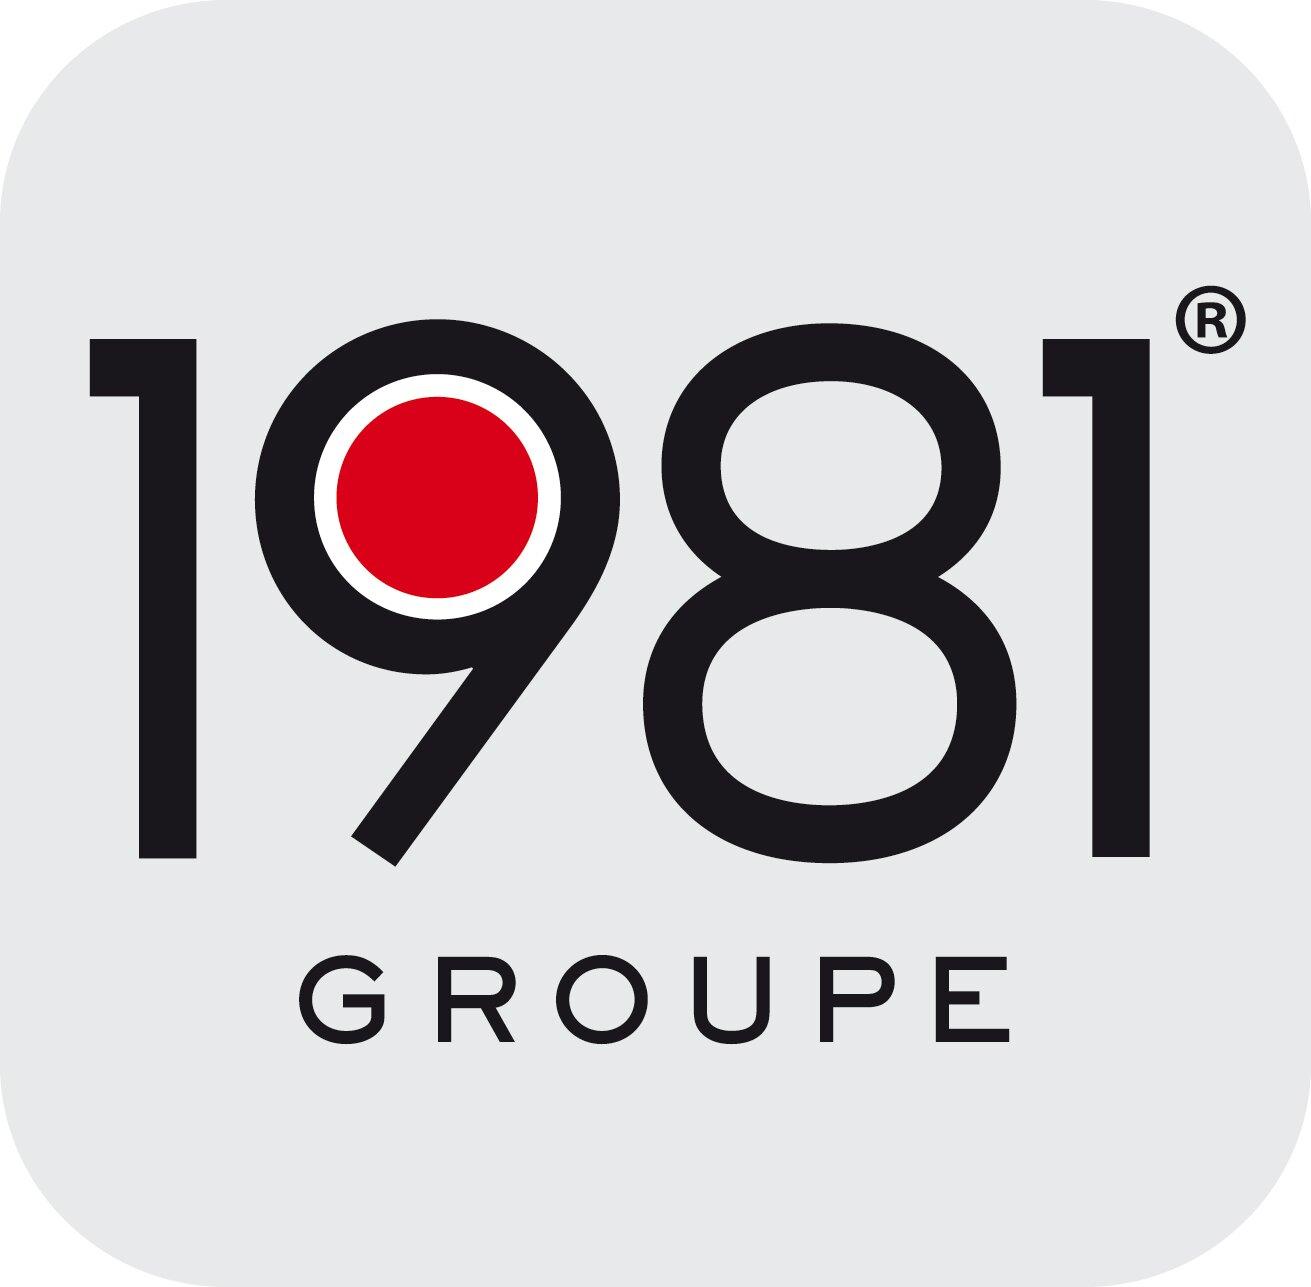 Le Groupe 1981 poursuit sa croissance et consolide sa gouvernance